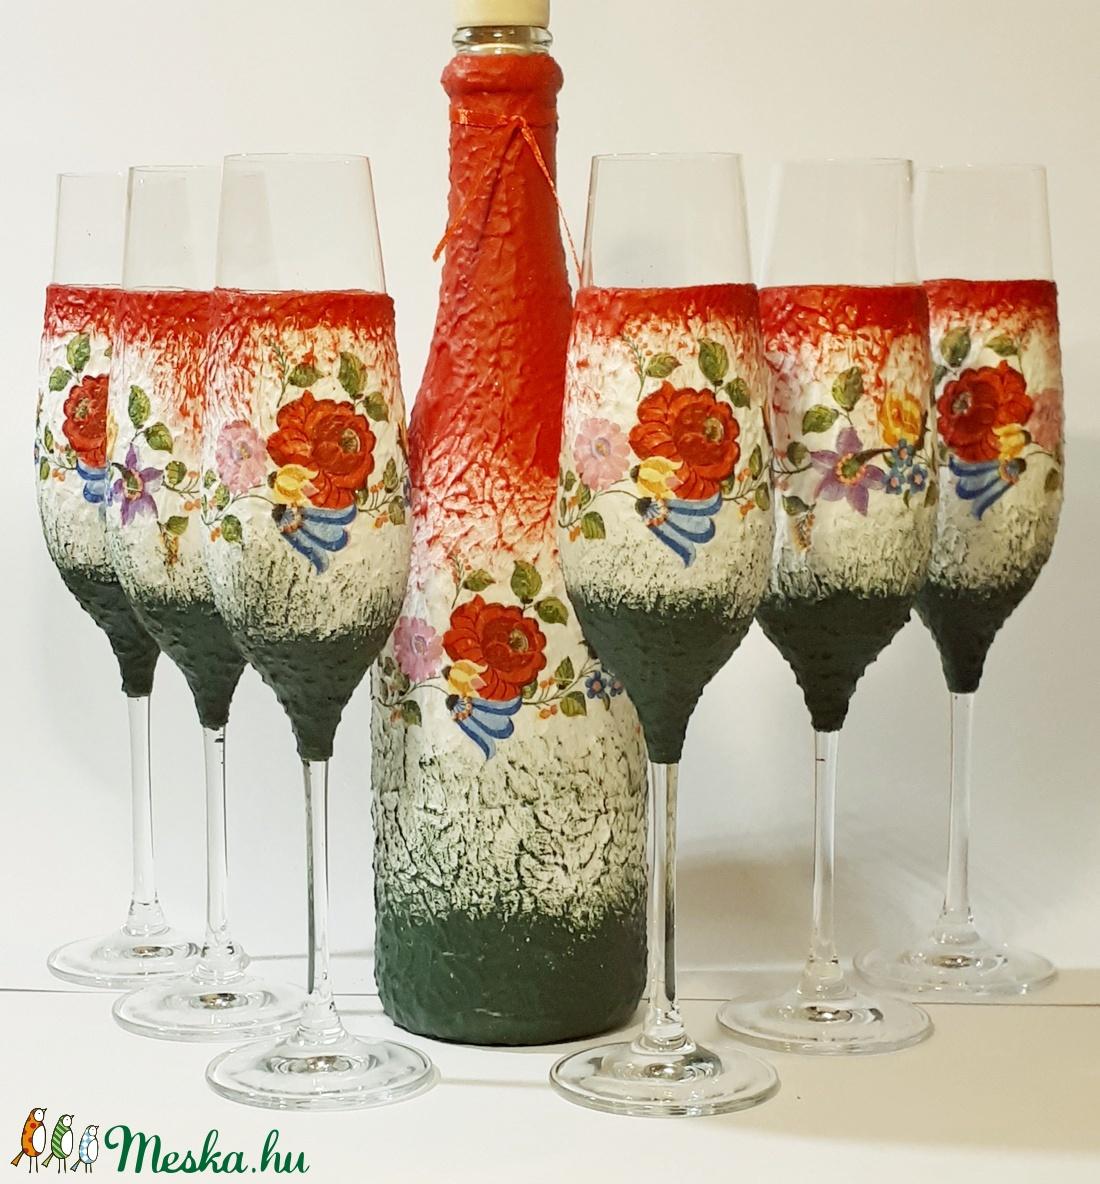 Kalocsai mintás, magyaros italos üveg pezsgős poharakkal esküvőre, eljegyzésre, nászajándékba, évfordulóra, házavatóra. (Biborvarazs) - Meska.hu